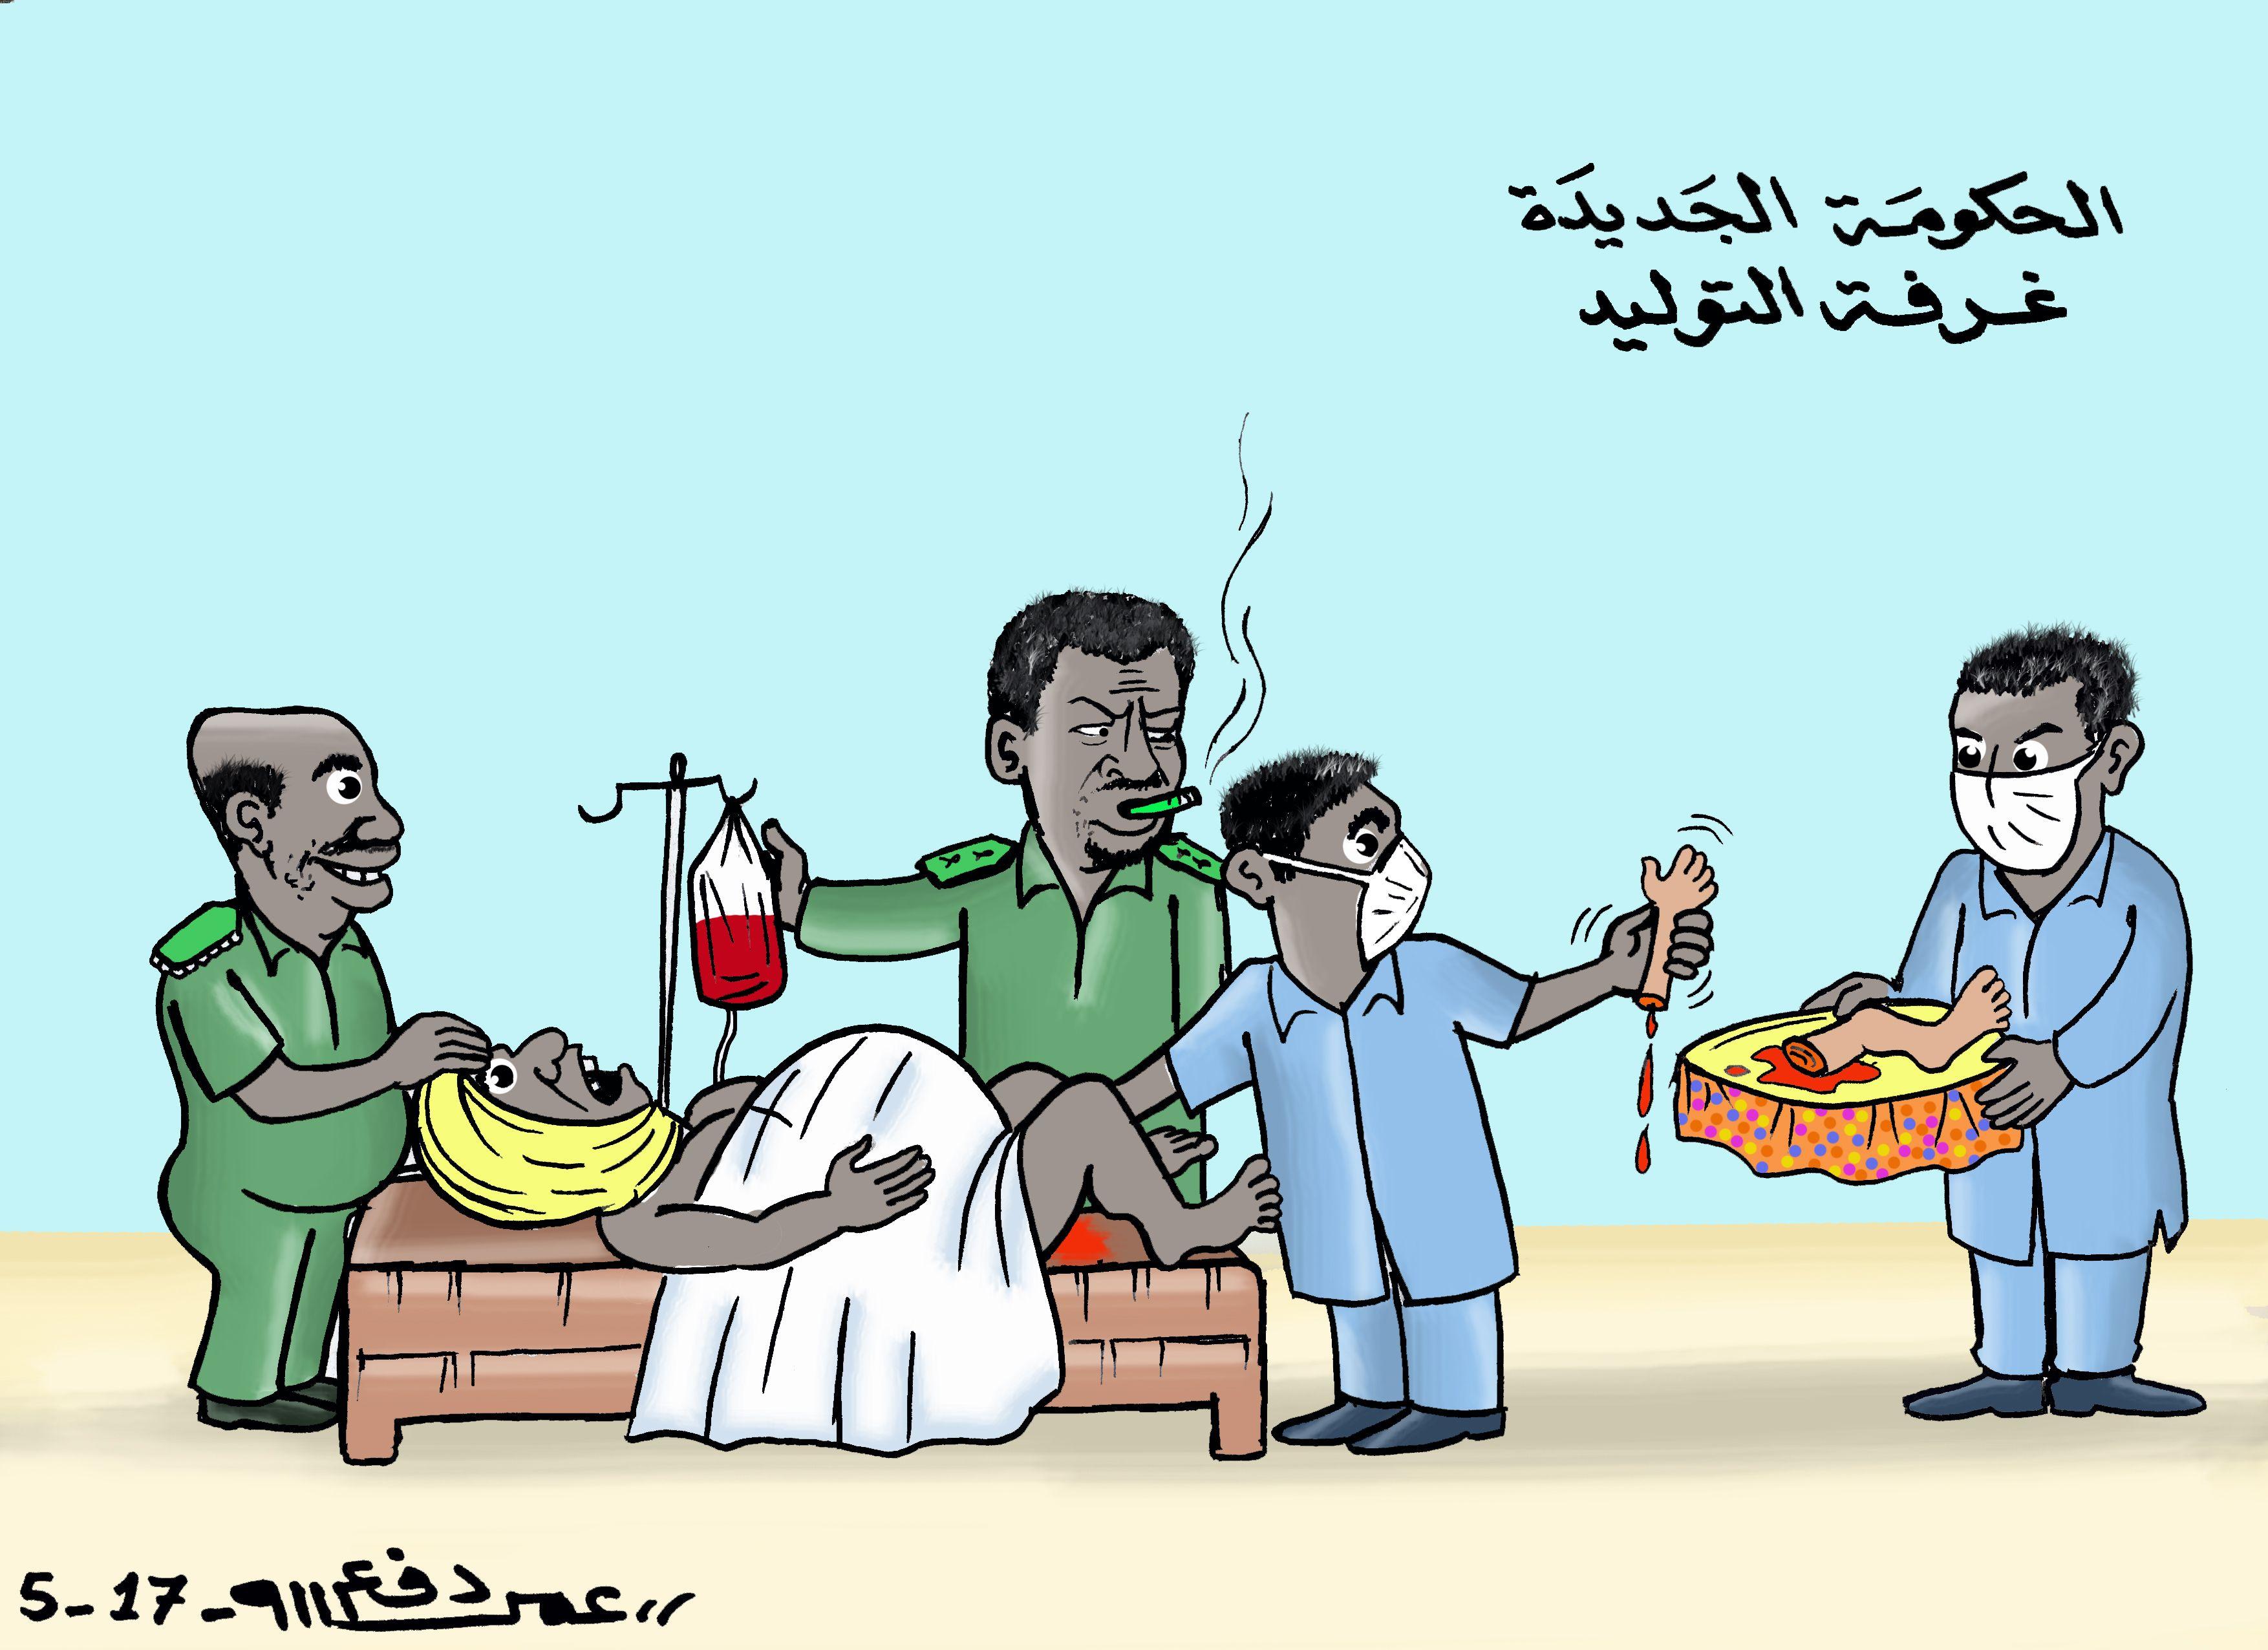 كاركاتير اليوم الموافق 09 مايو 2017 للفنان عمر دفع الله عن ولادة الحكومة السودانية الجديدة